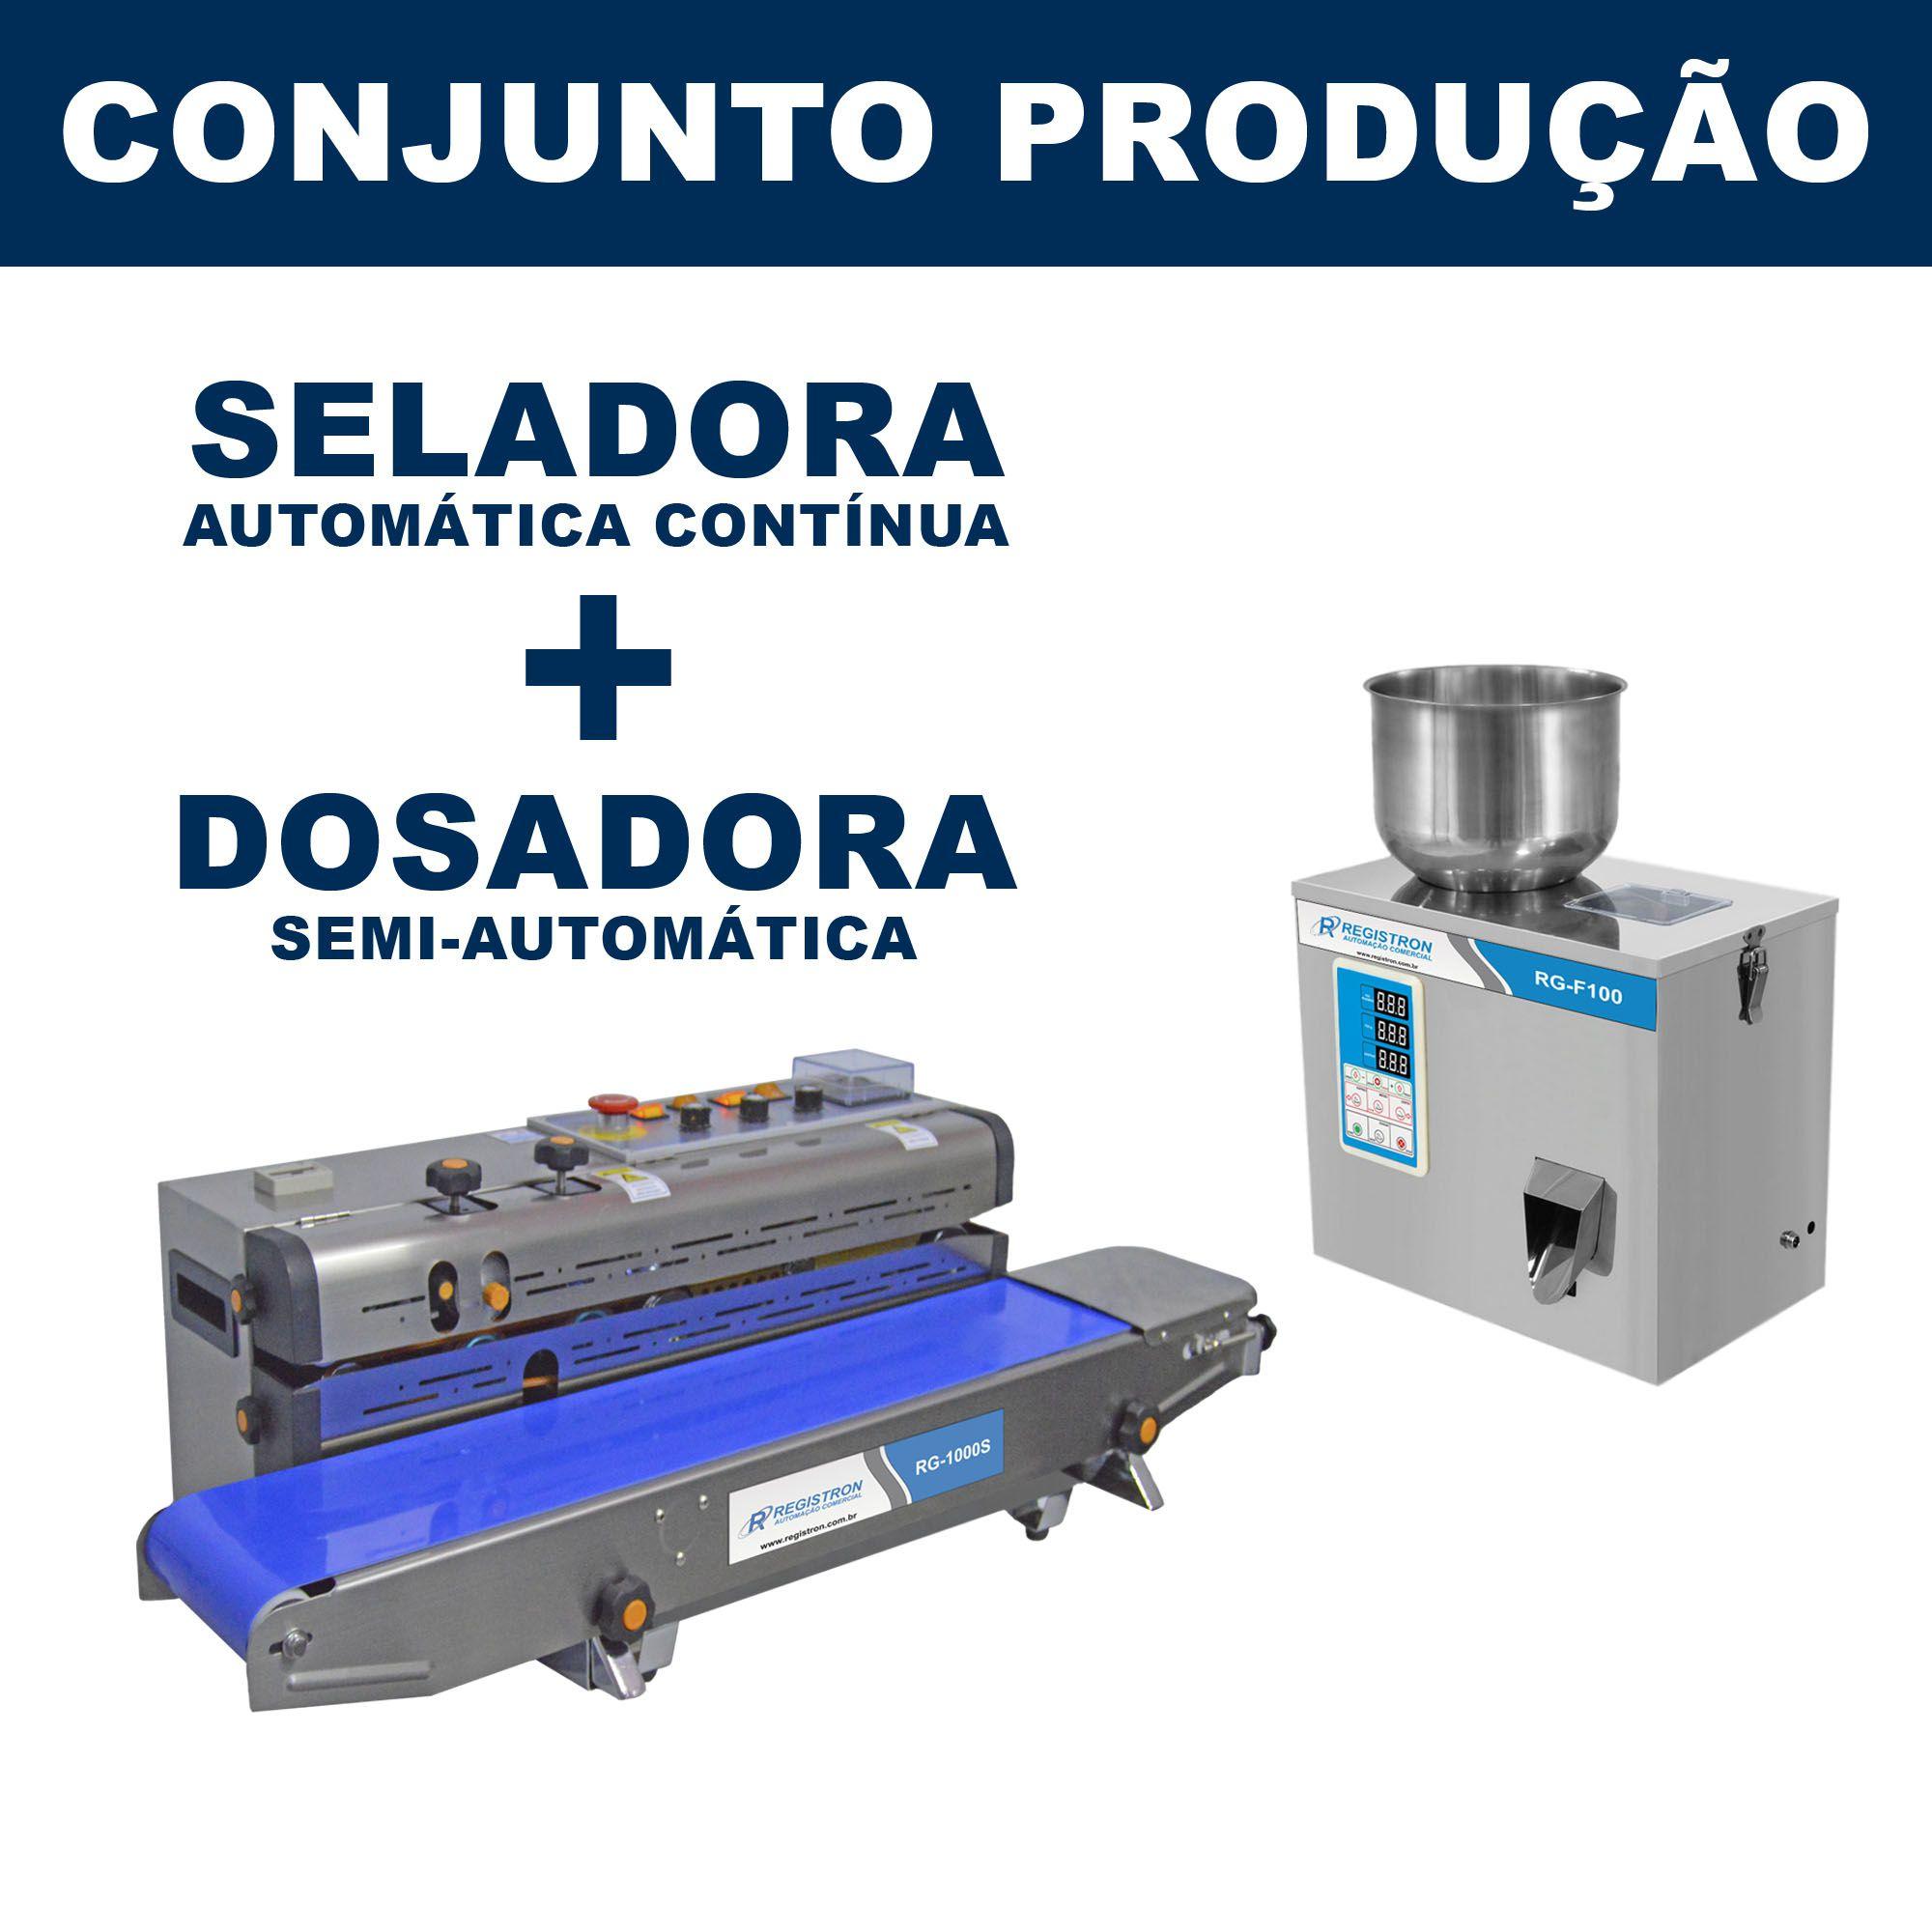 Dosadora e Seladora Automática (RG-F100 - RG-1000S)